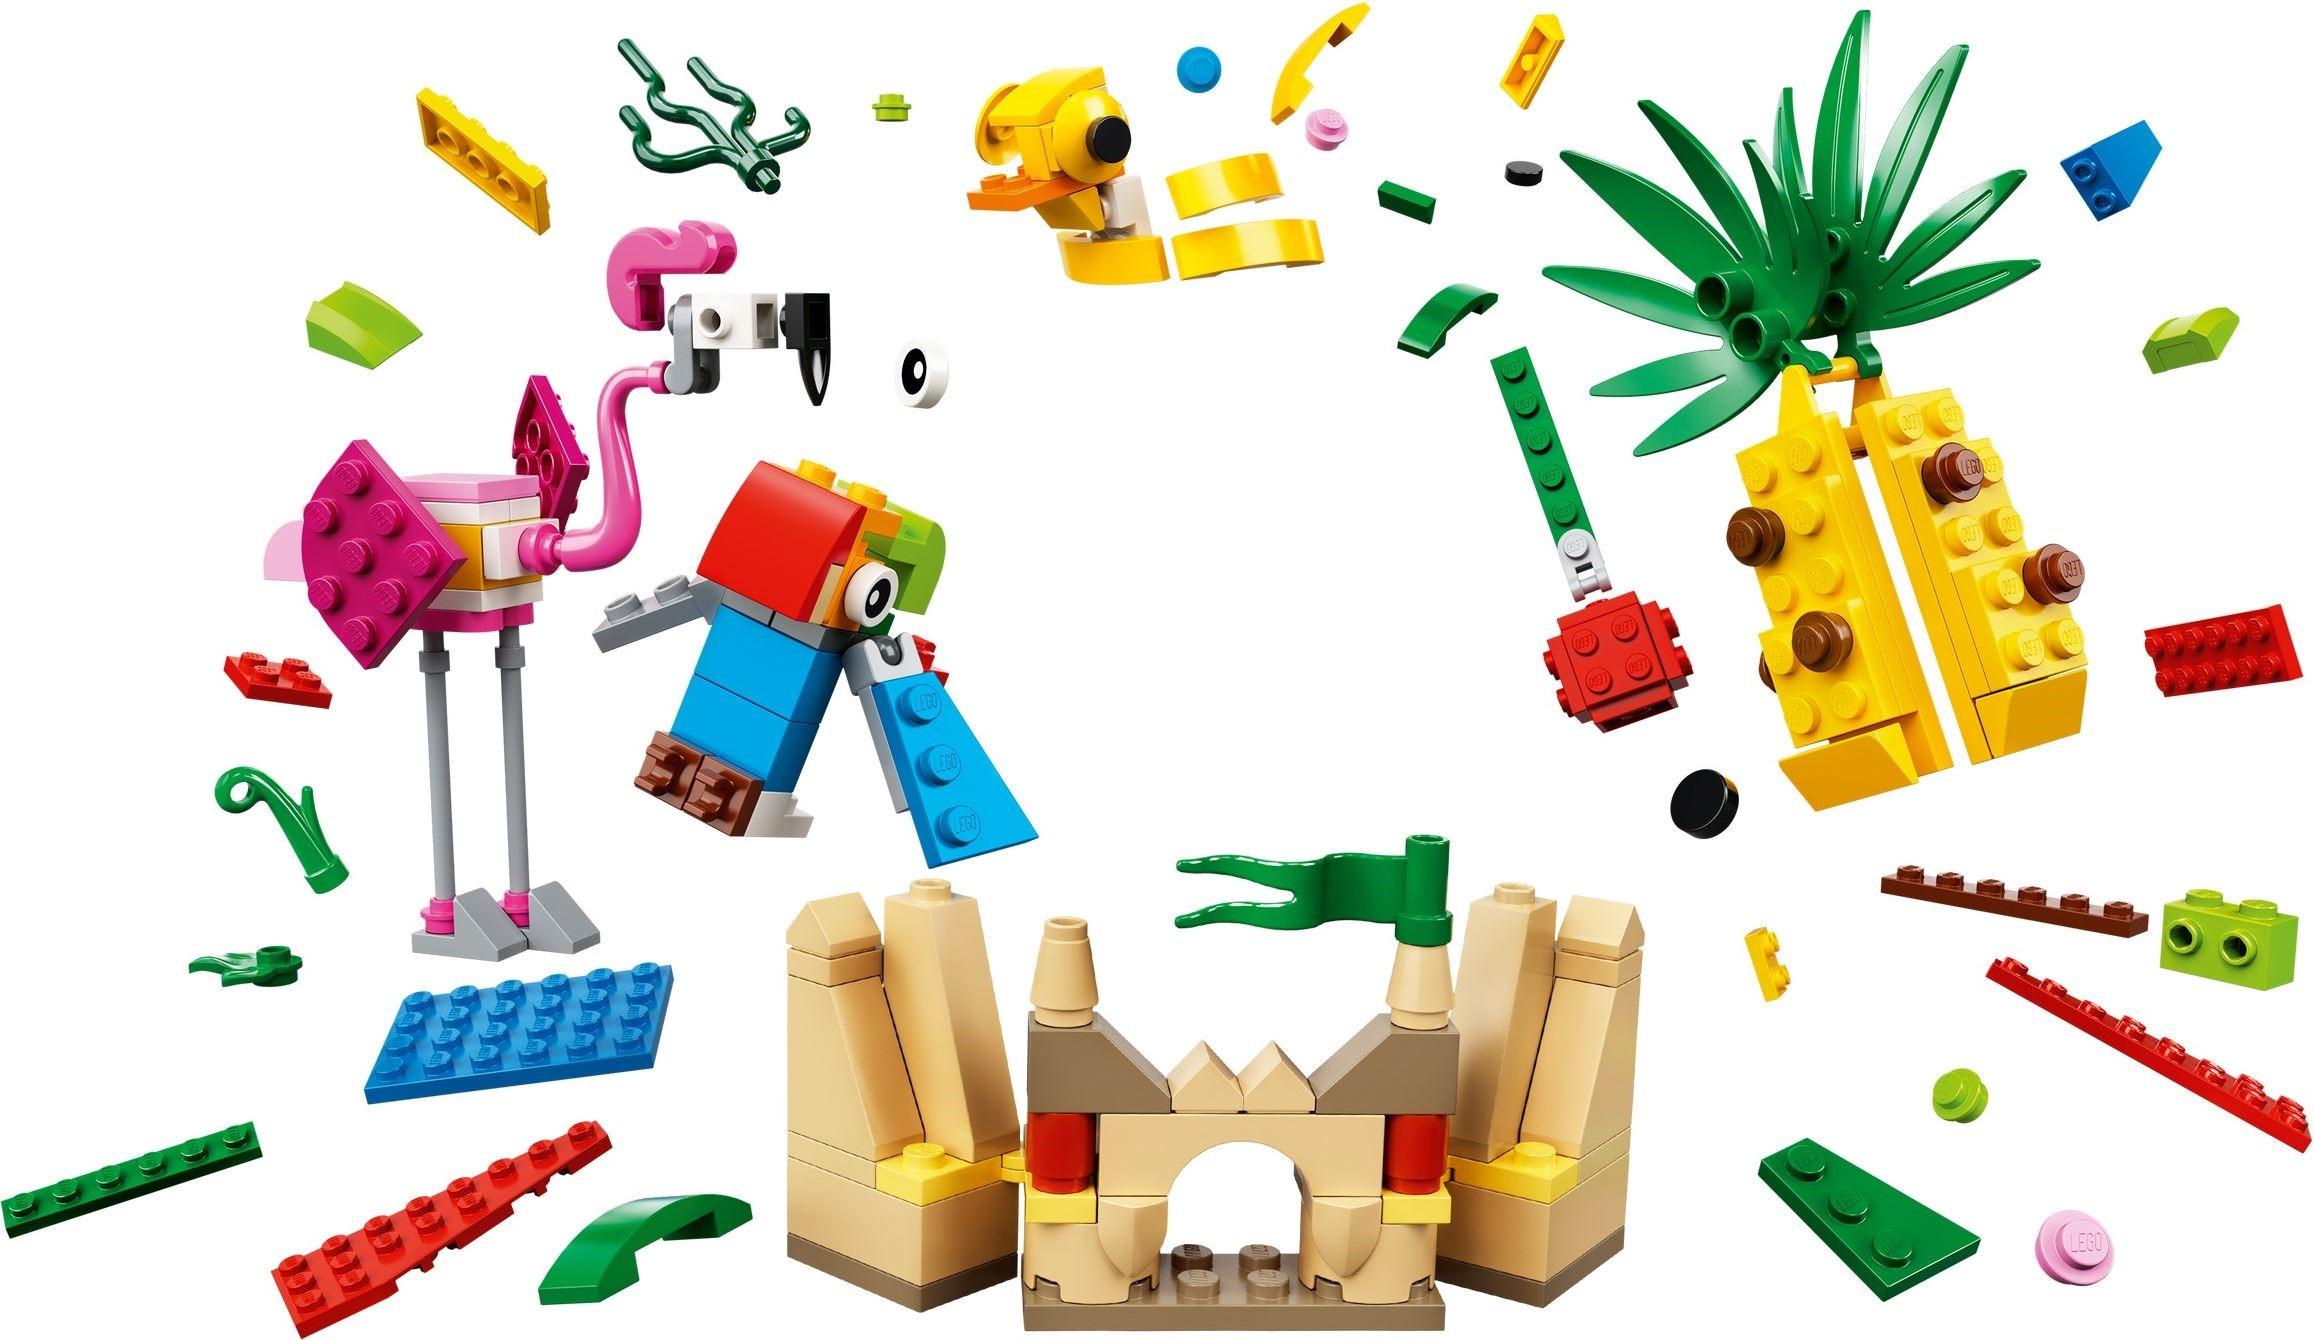 lego-40411-creative-fun-12-in-1-inhalt-2020 zusammengebaut.com